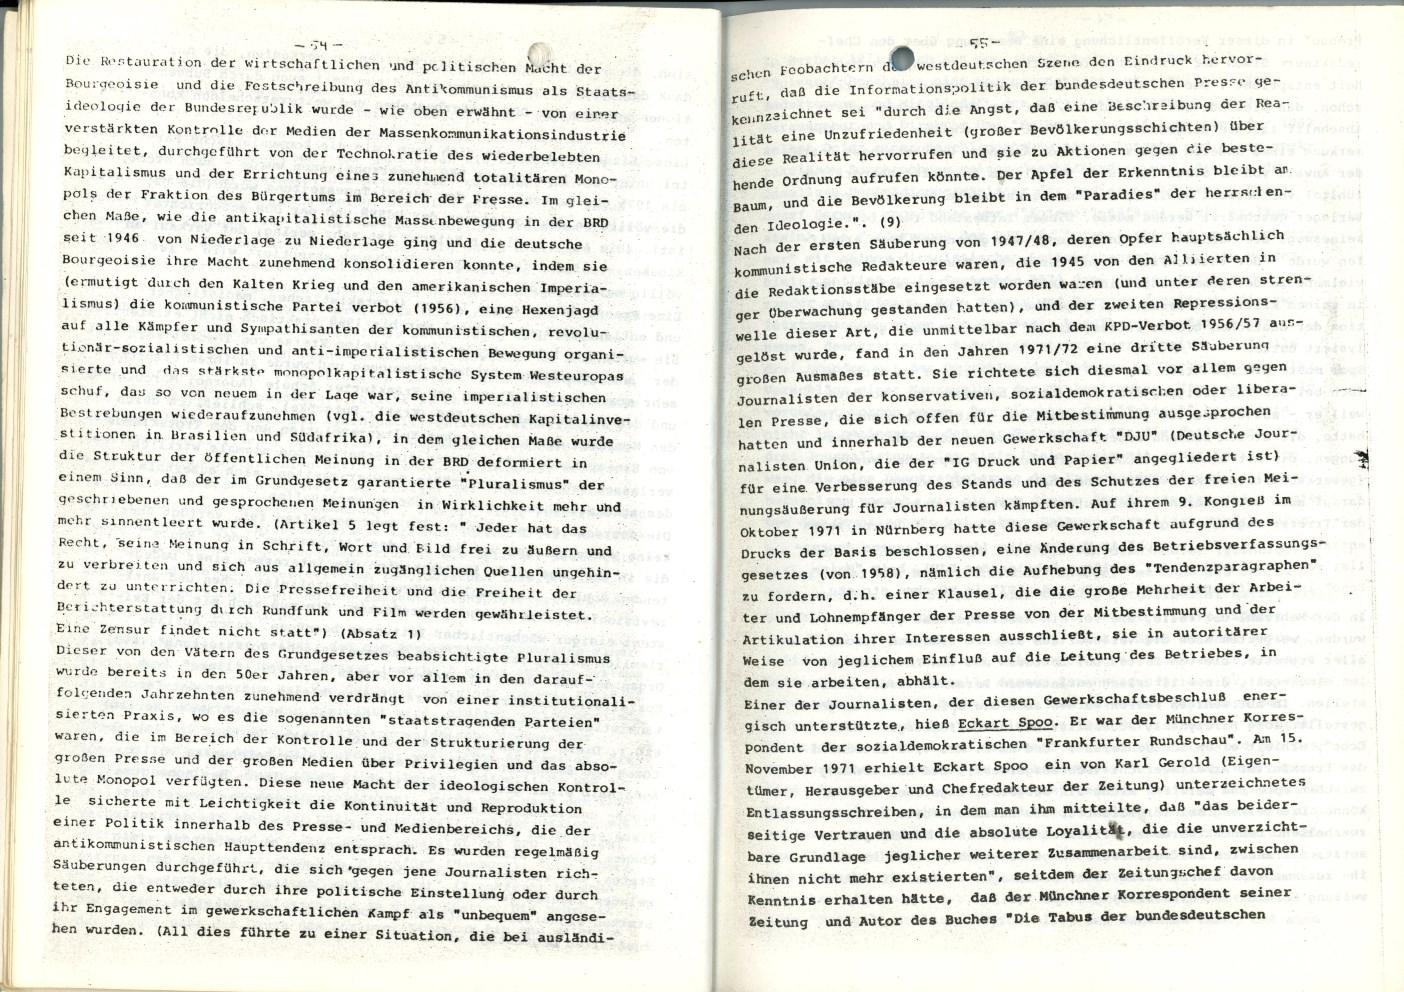 Hamburg_Vorbereitungsgruppe_Russell_Tribunal_Zensur_1978_28